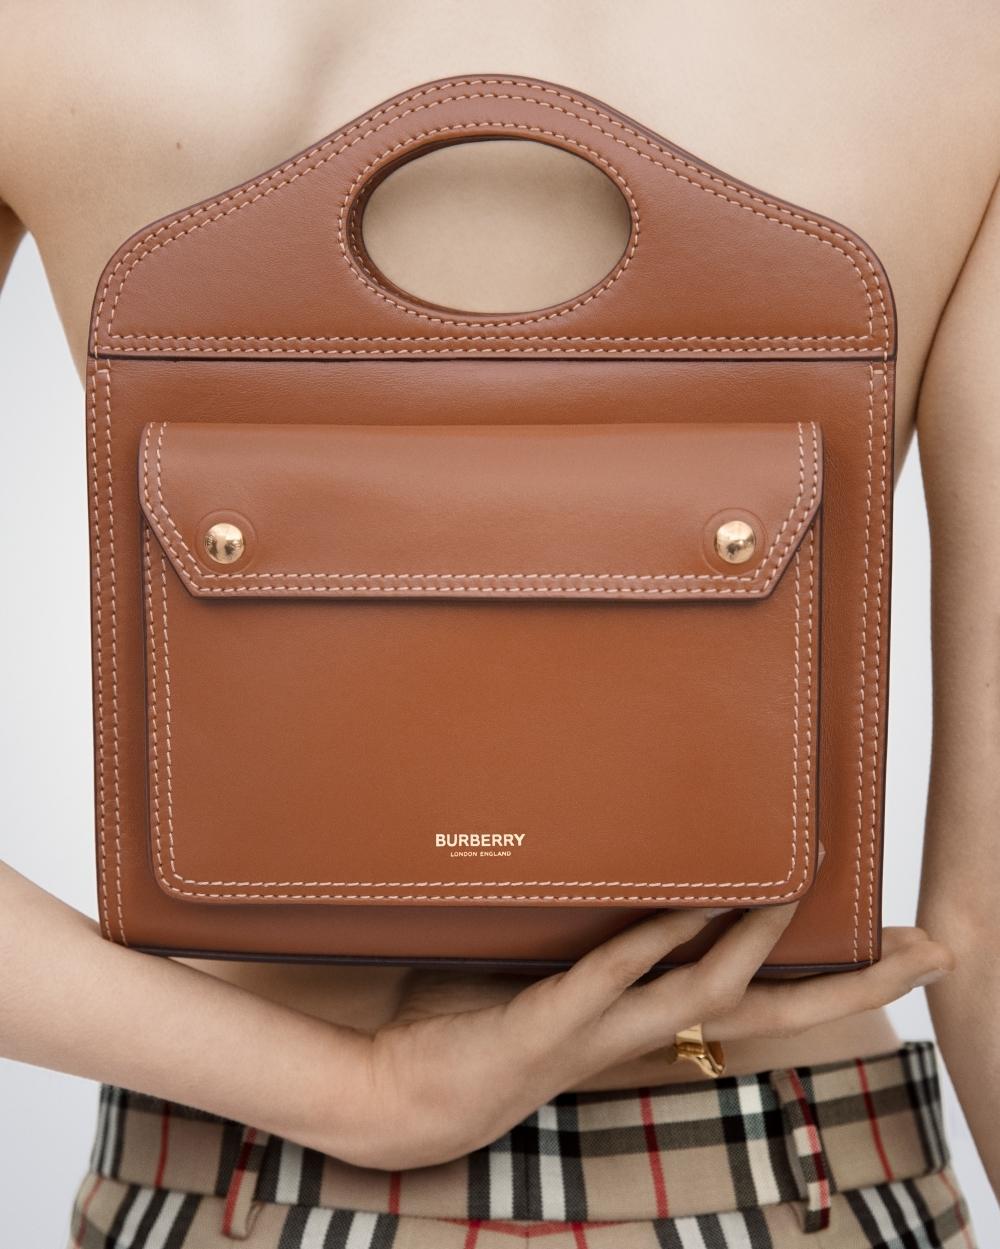 一上手時髦度加到100分!孔曉振、許路兒詮釋BURBERRY新Pocket包,不同穿搭都能駕馭